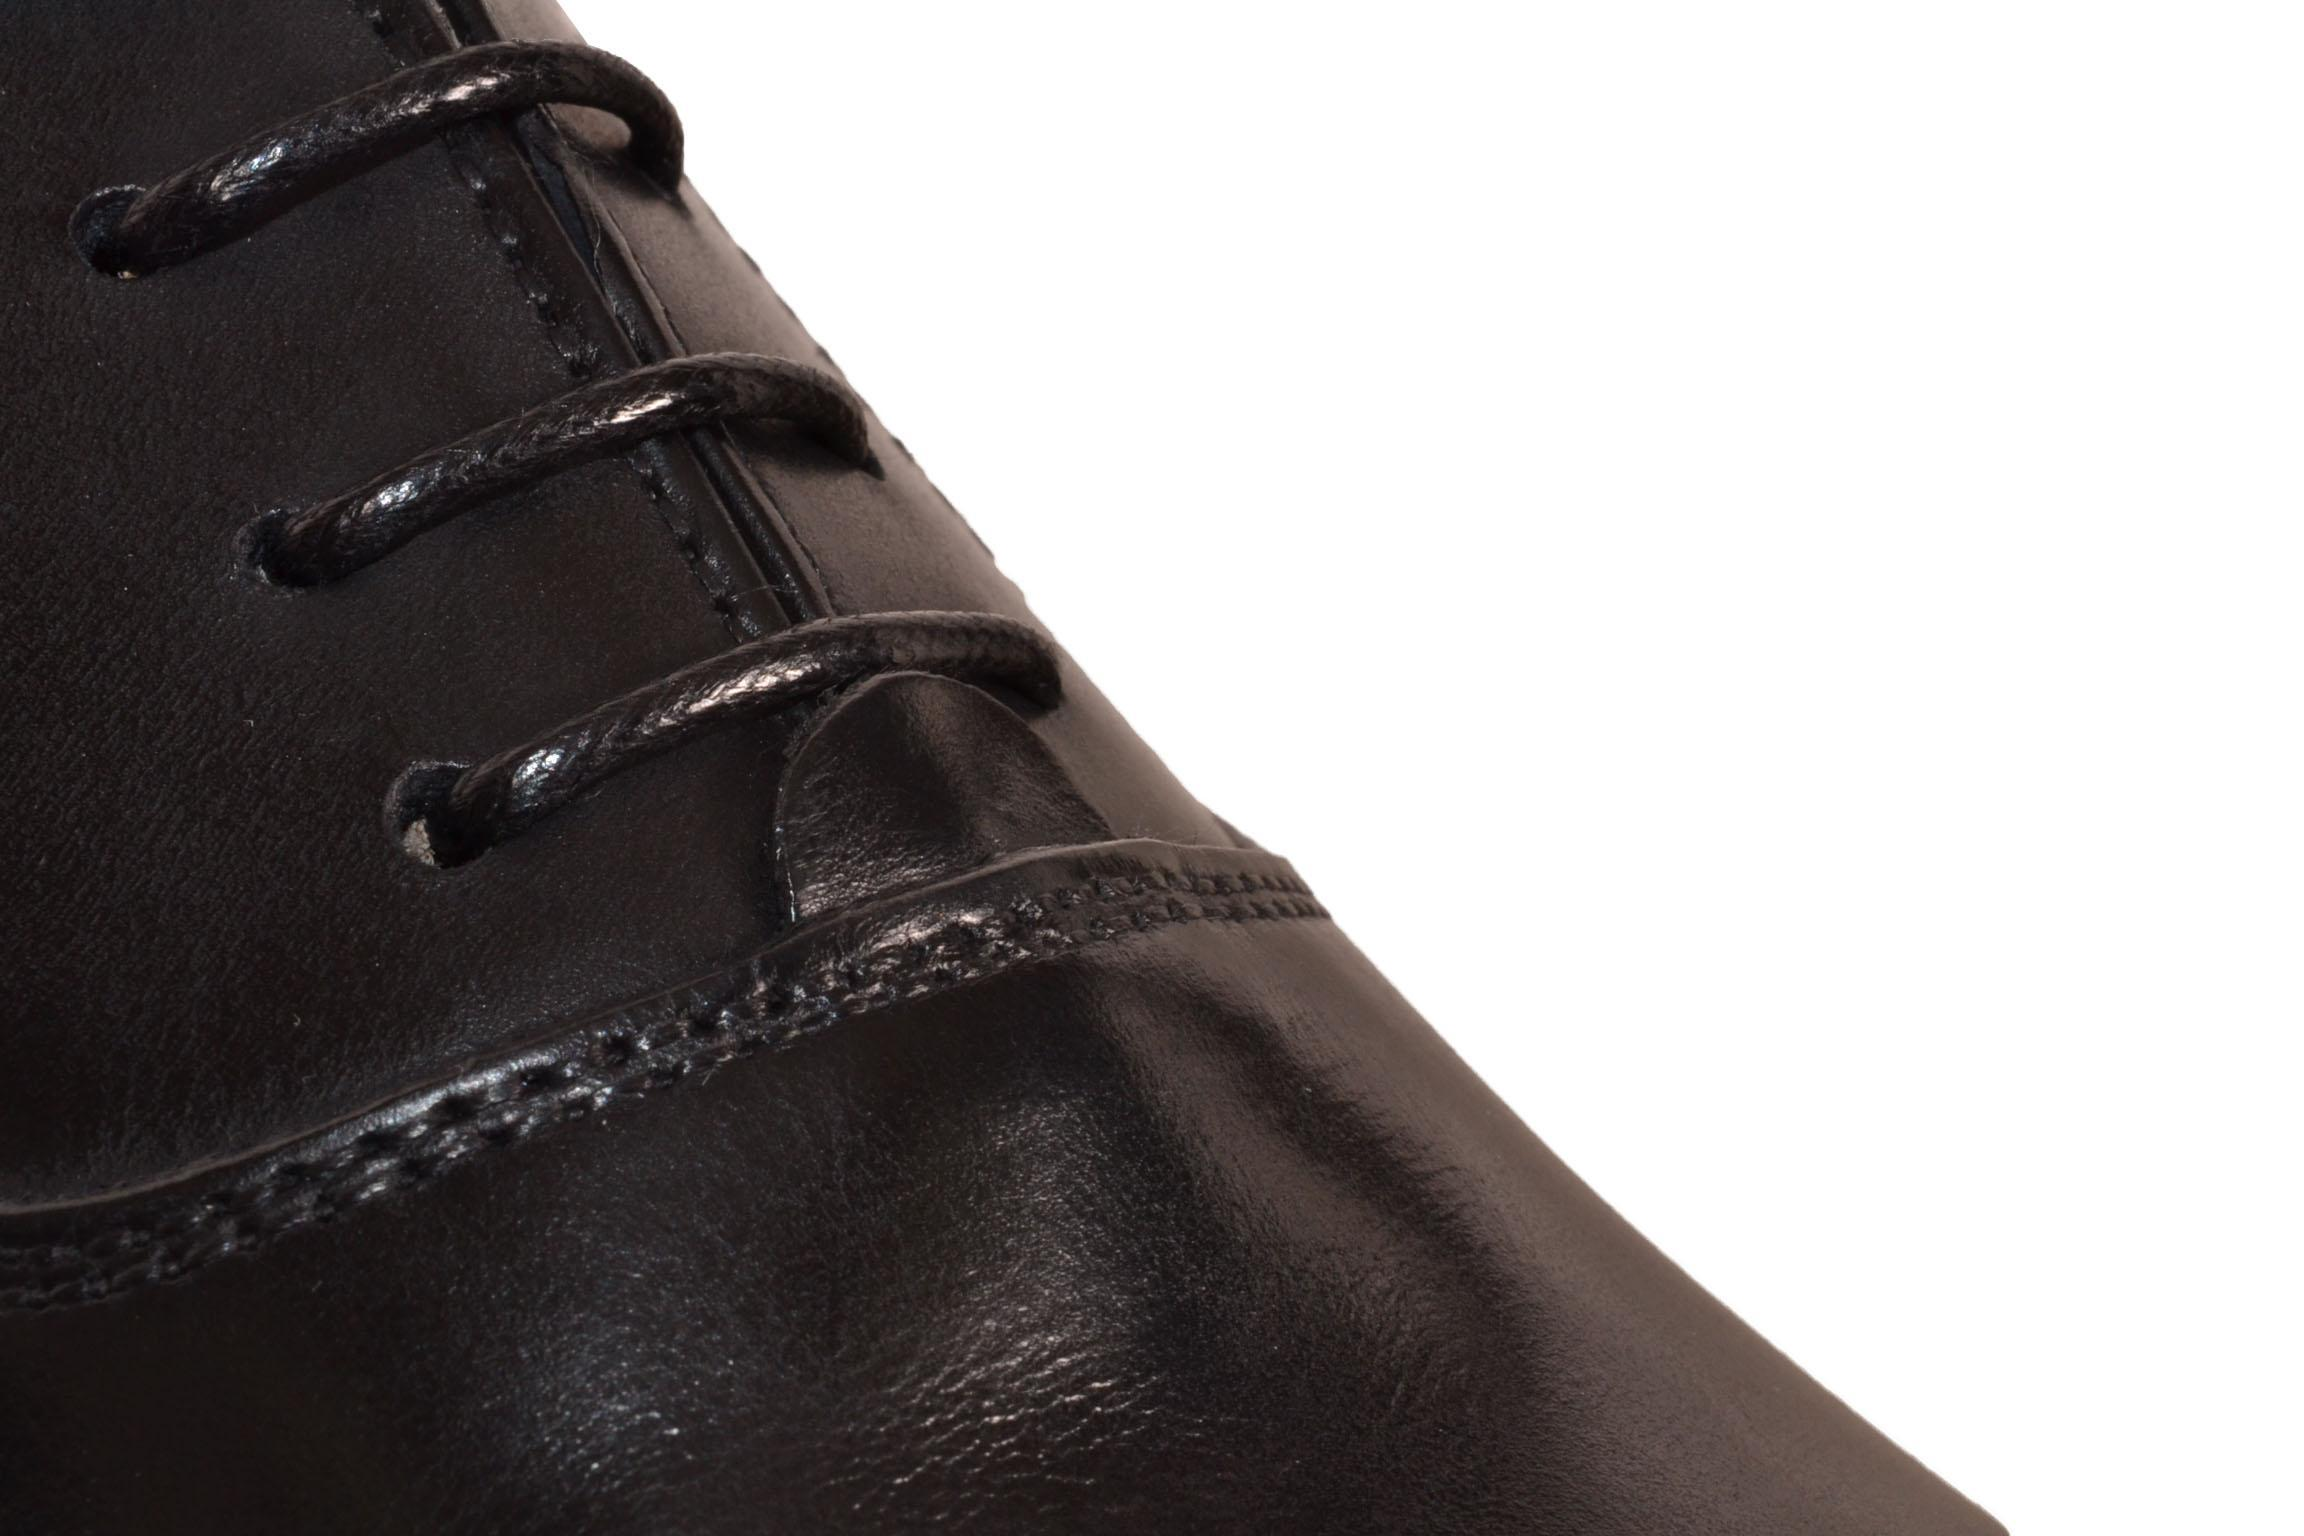 scarpa-cesare-augusto-uomo-cesare-augusto-cod-234vitelloalberto